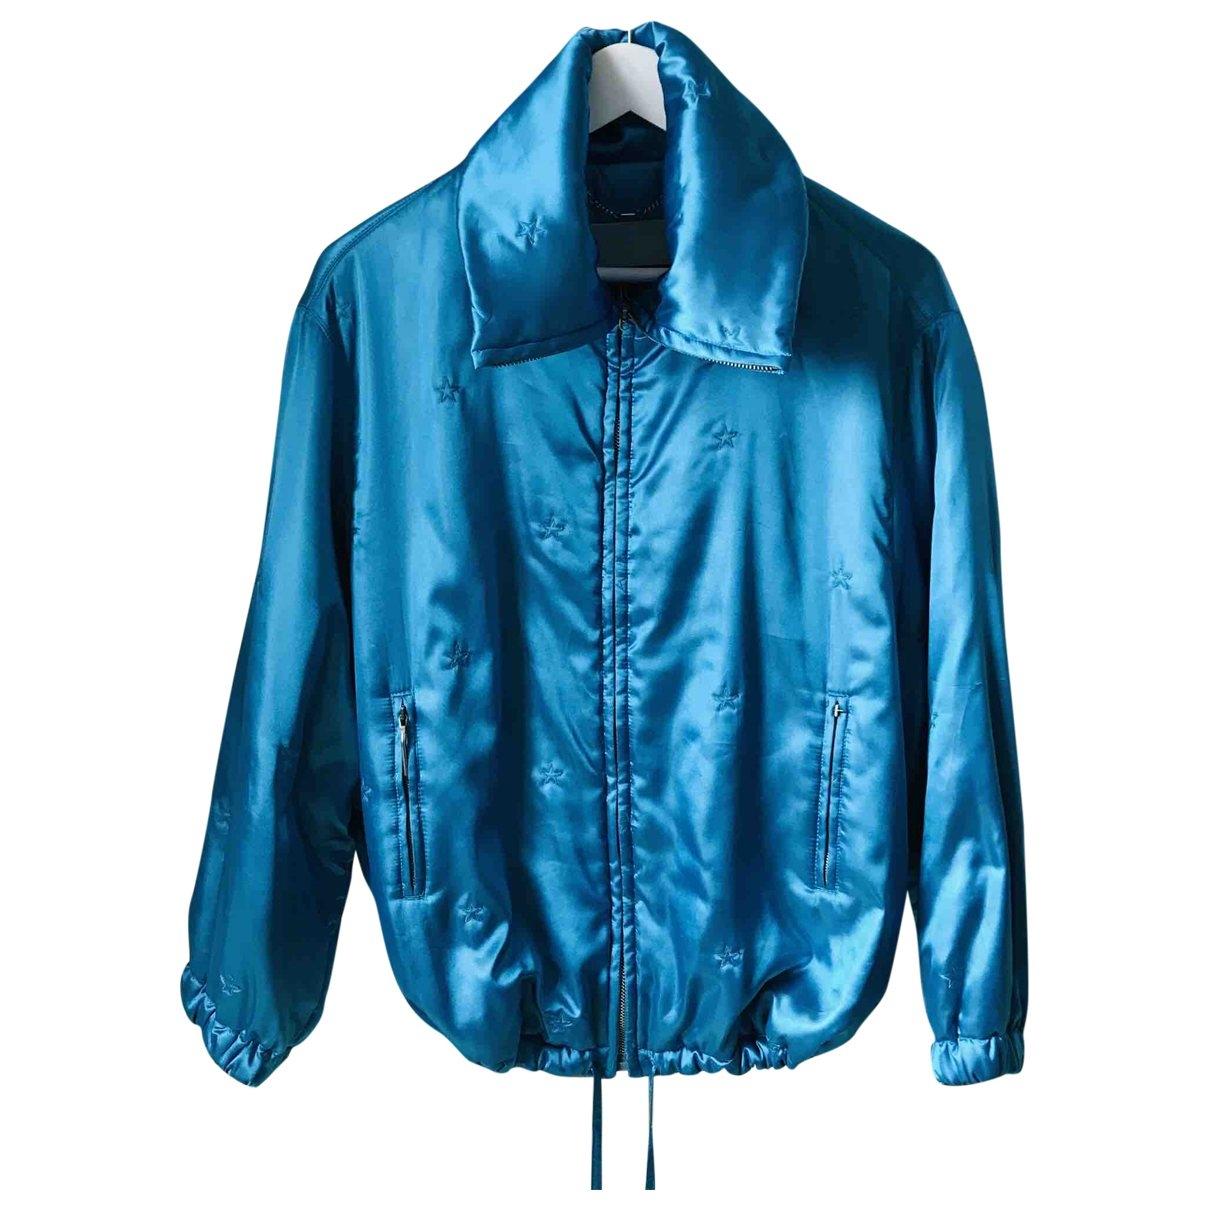 Laurel \N Jacke in  Blau Polyester